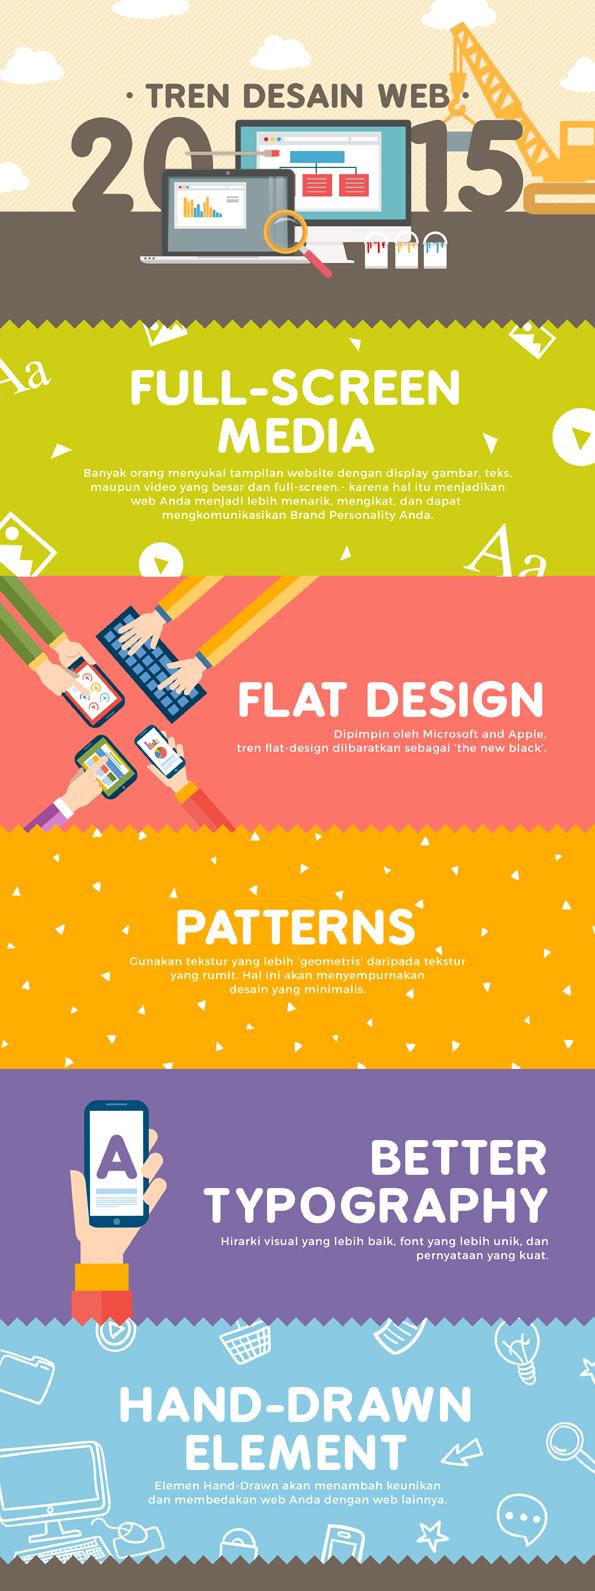 [Infographics]-Tren-Desain-Web-2015-72